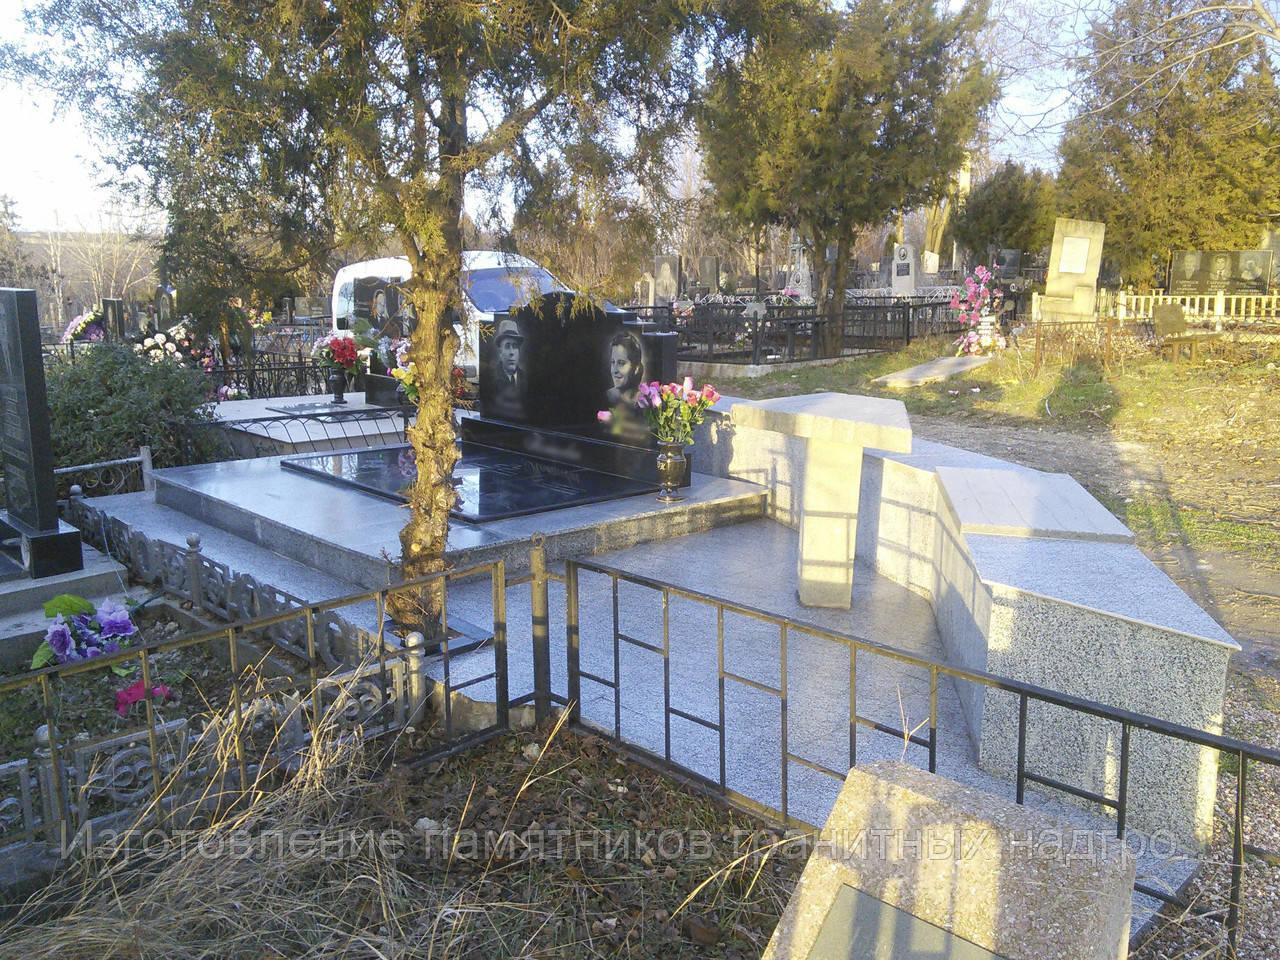 Двойной гранитный на общем базу с тройной надгробной плитой. Облицовка покостовка + керамогранит